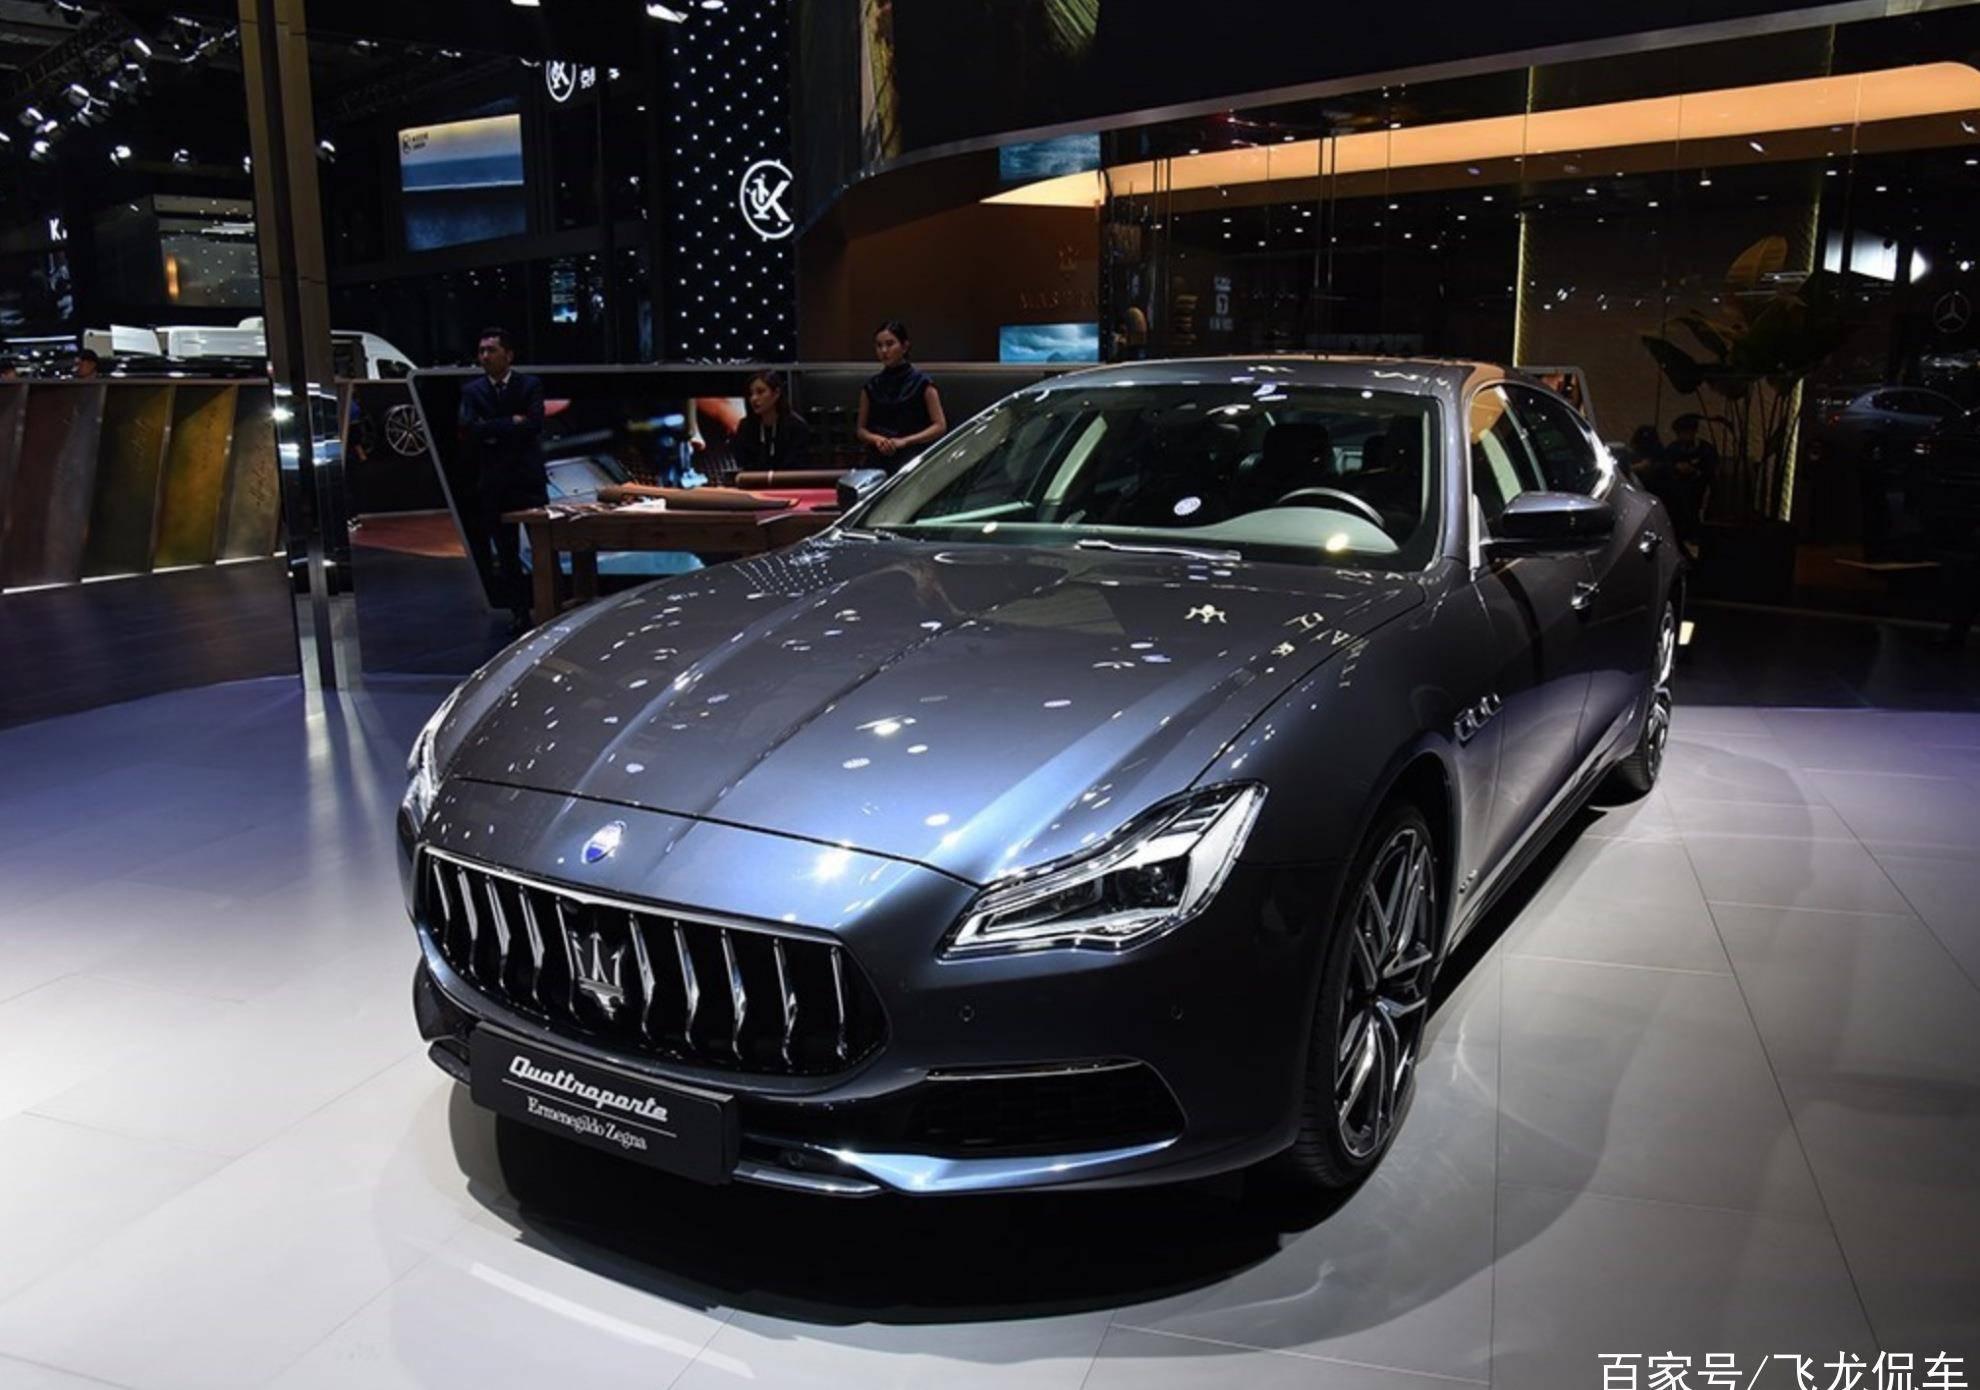 原价起步比Paramera贵,V6发动机5米长。它开车出去的时候比麦巴克有面子